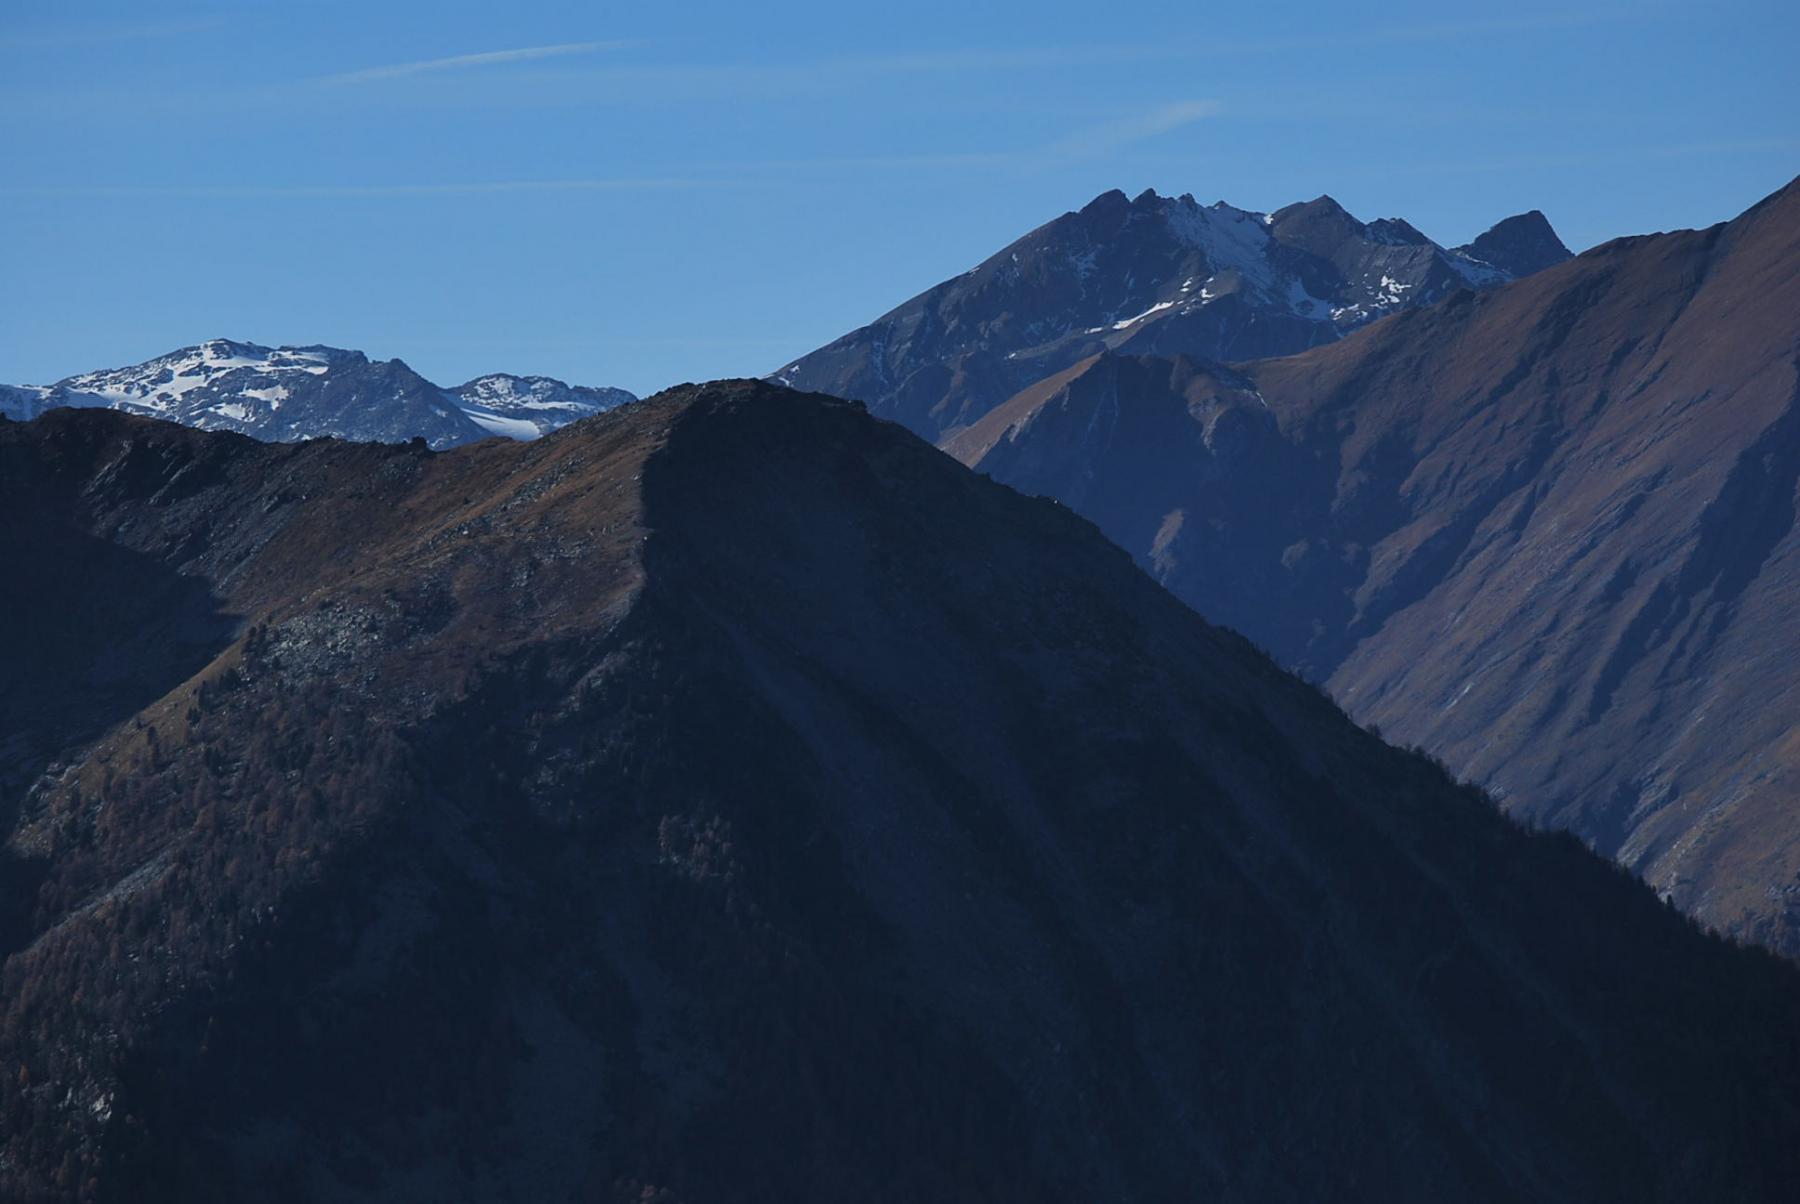 Sullo sfondo contro il cielo: Miravidi, Forclaz e la cresta del Mt. Ouille